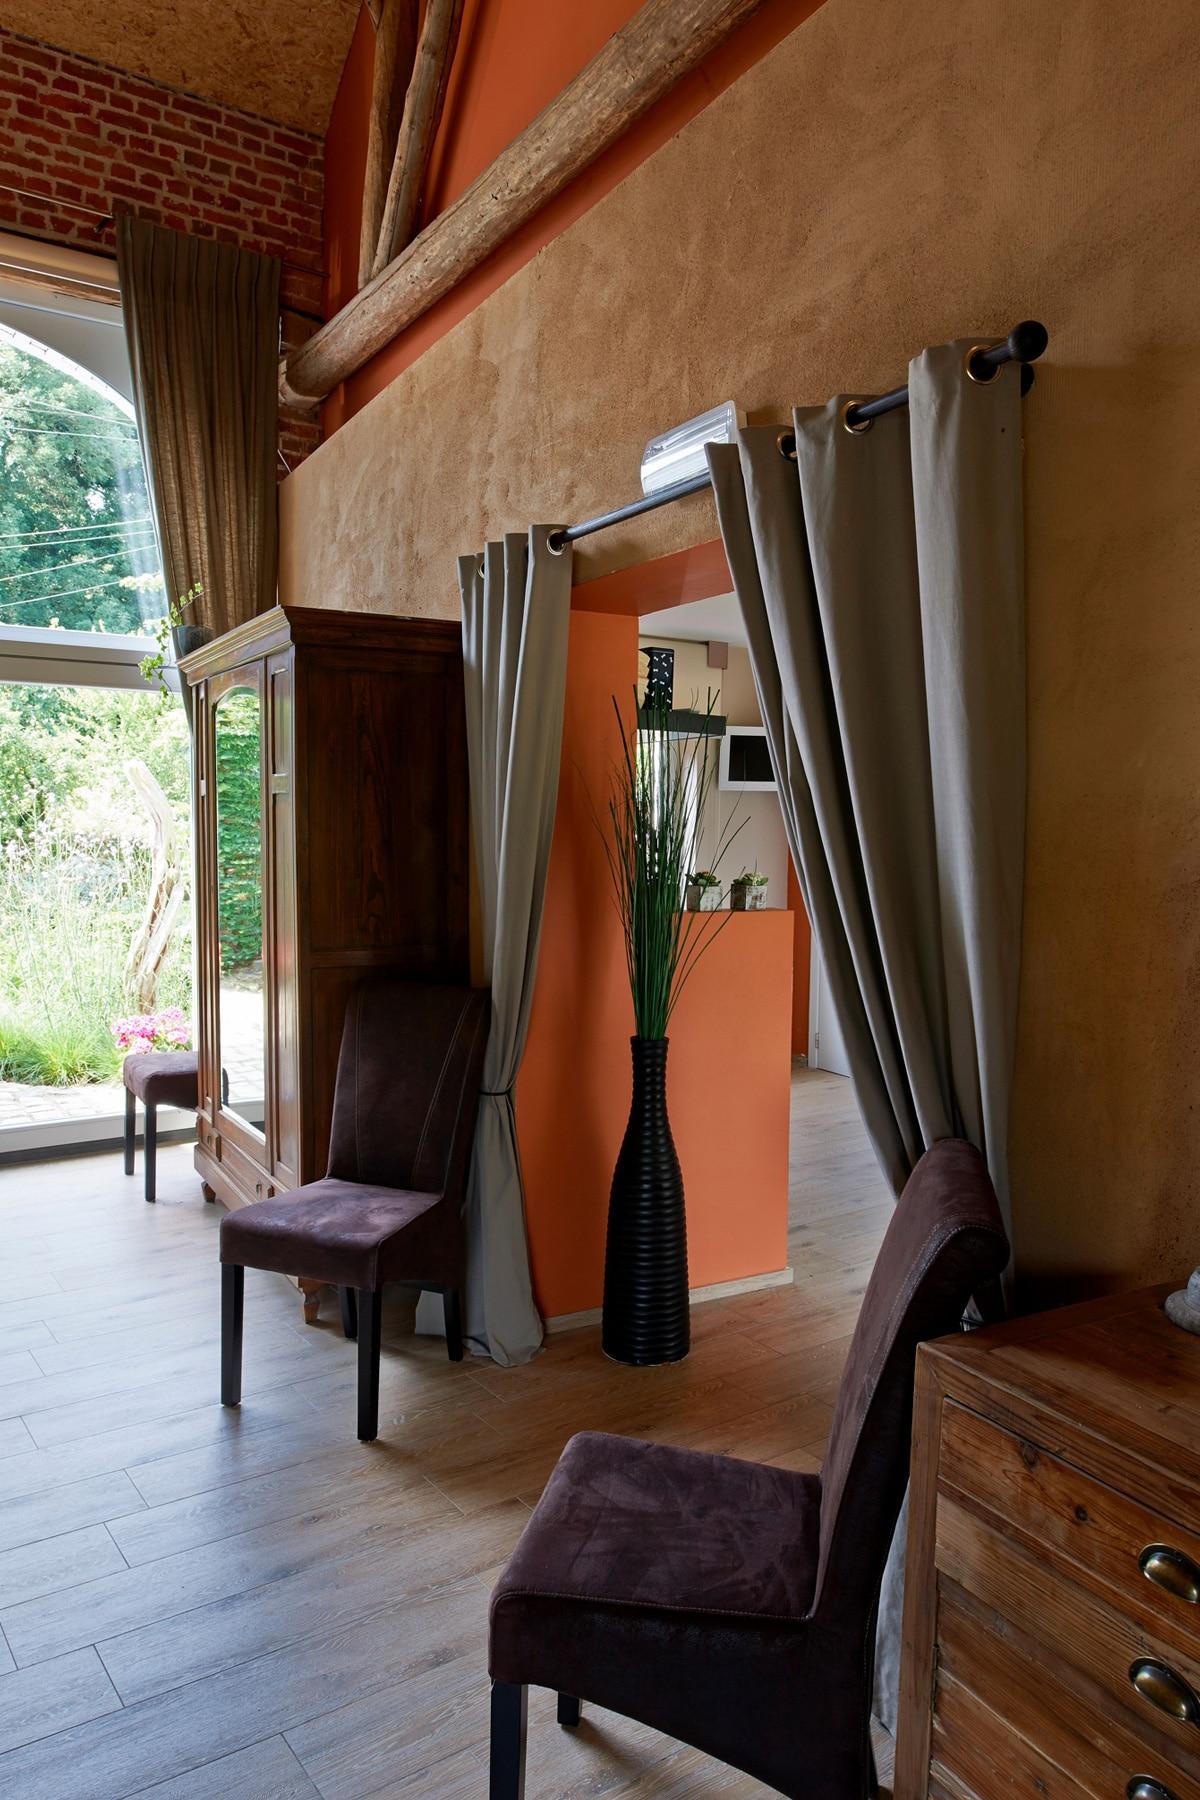 interieurinrichting - raamdecoratie